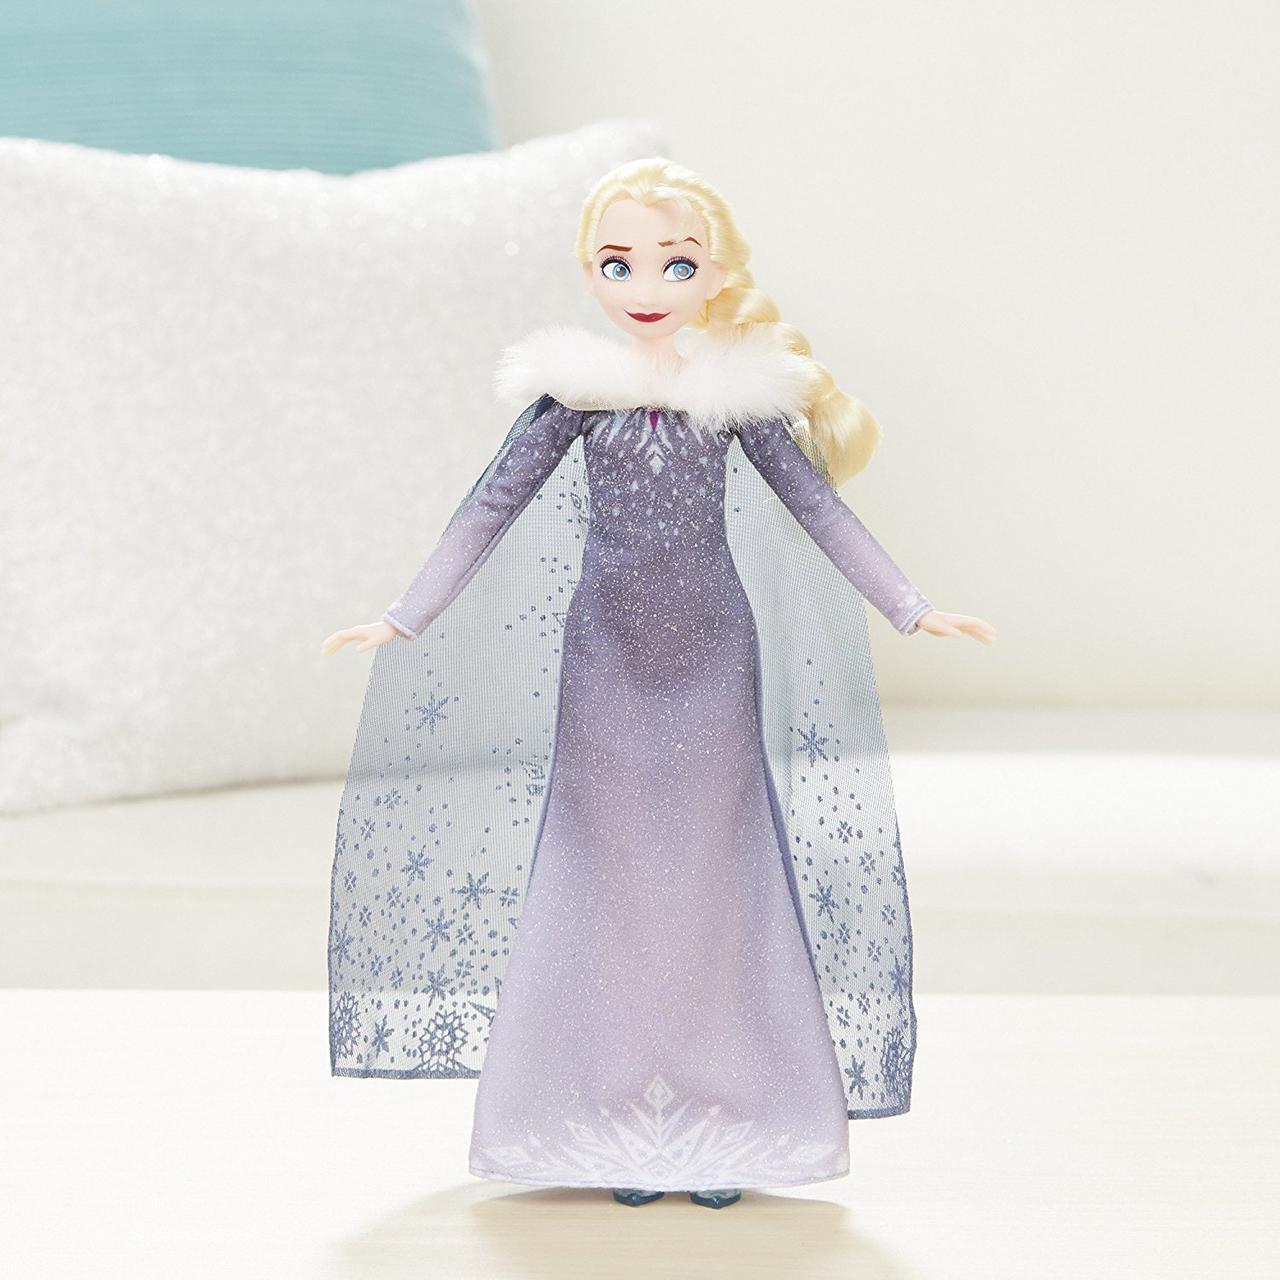 Дисней Музыкальная Эльза Disney Frozen Musical Elsa